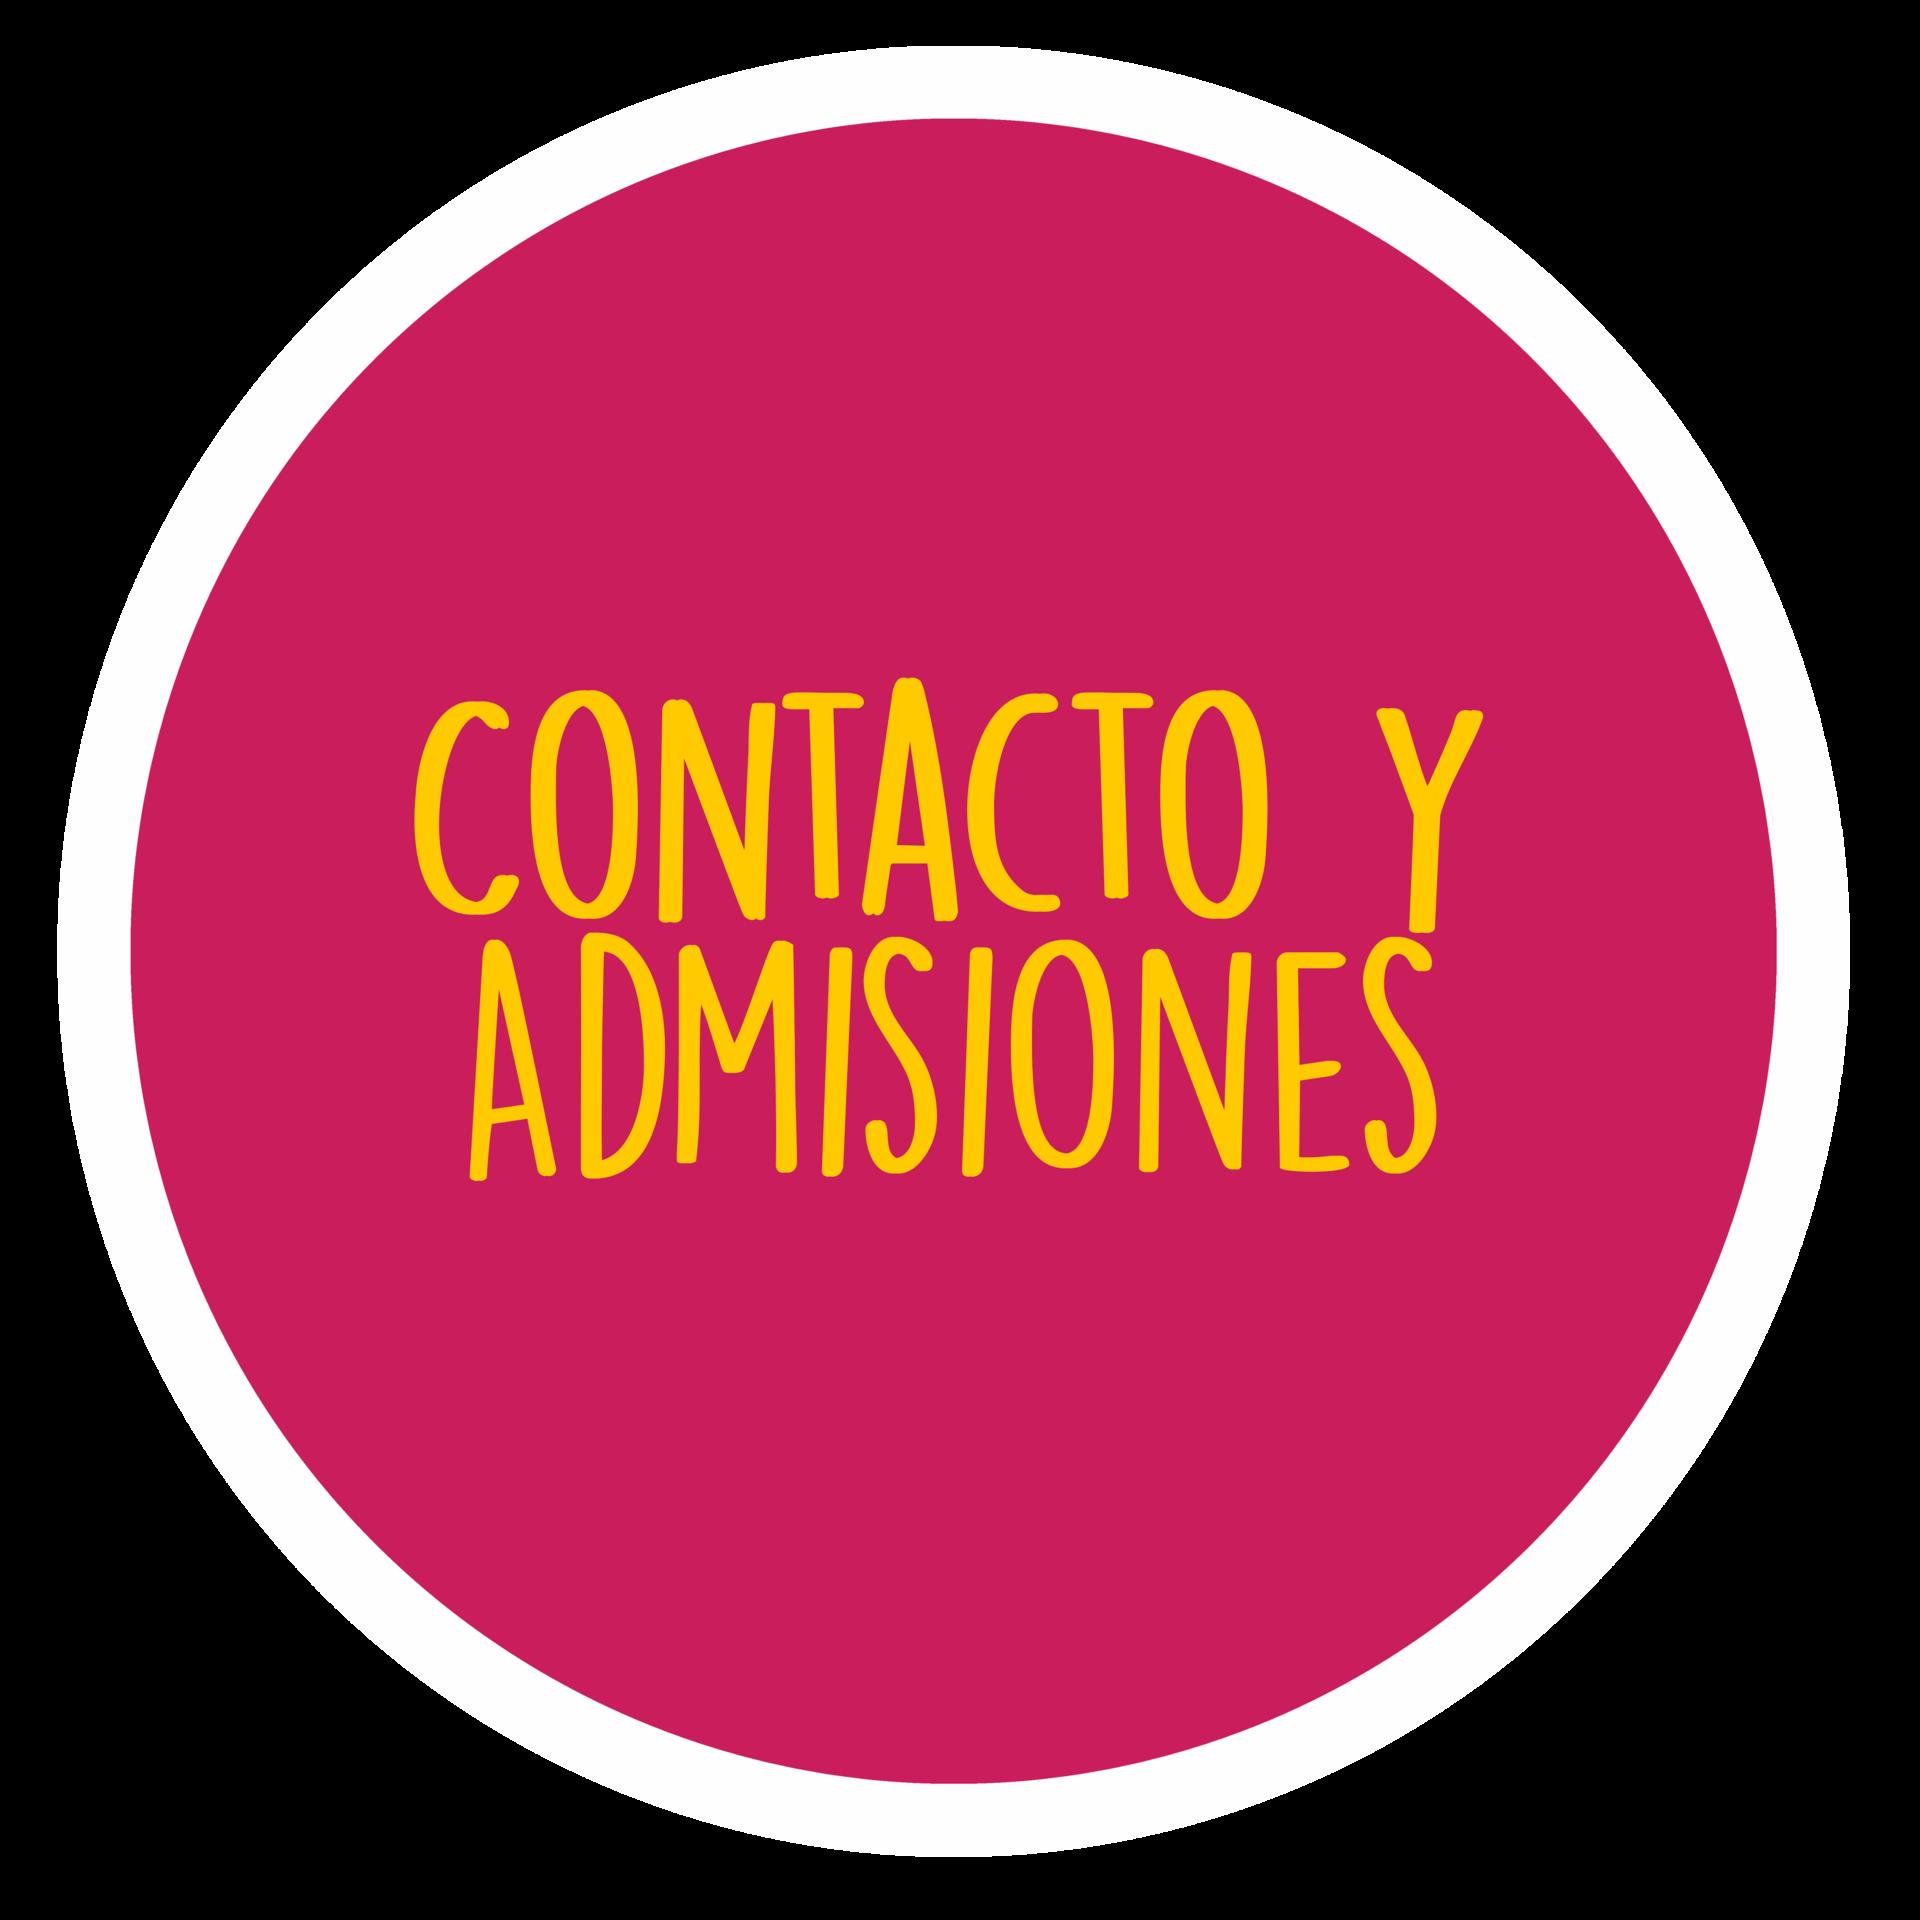 botón de contacto y admisiones